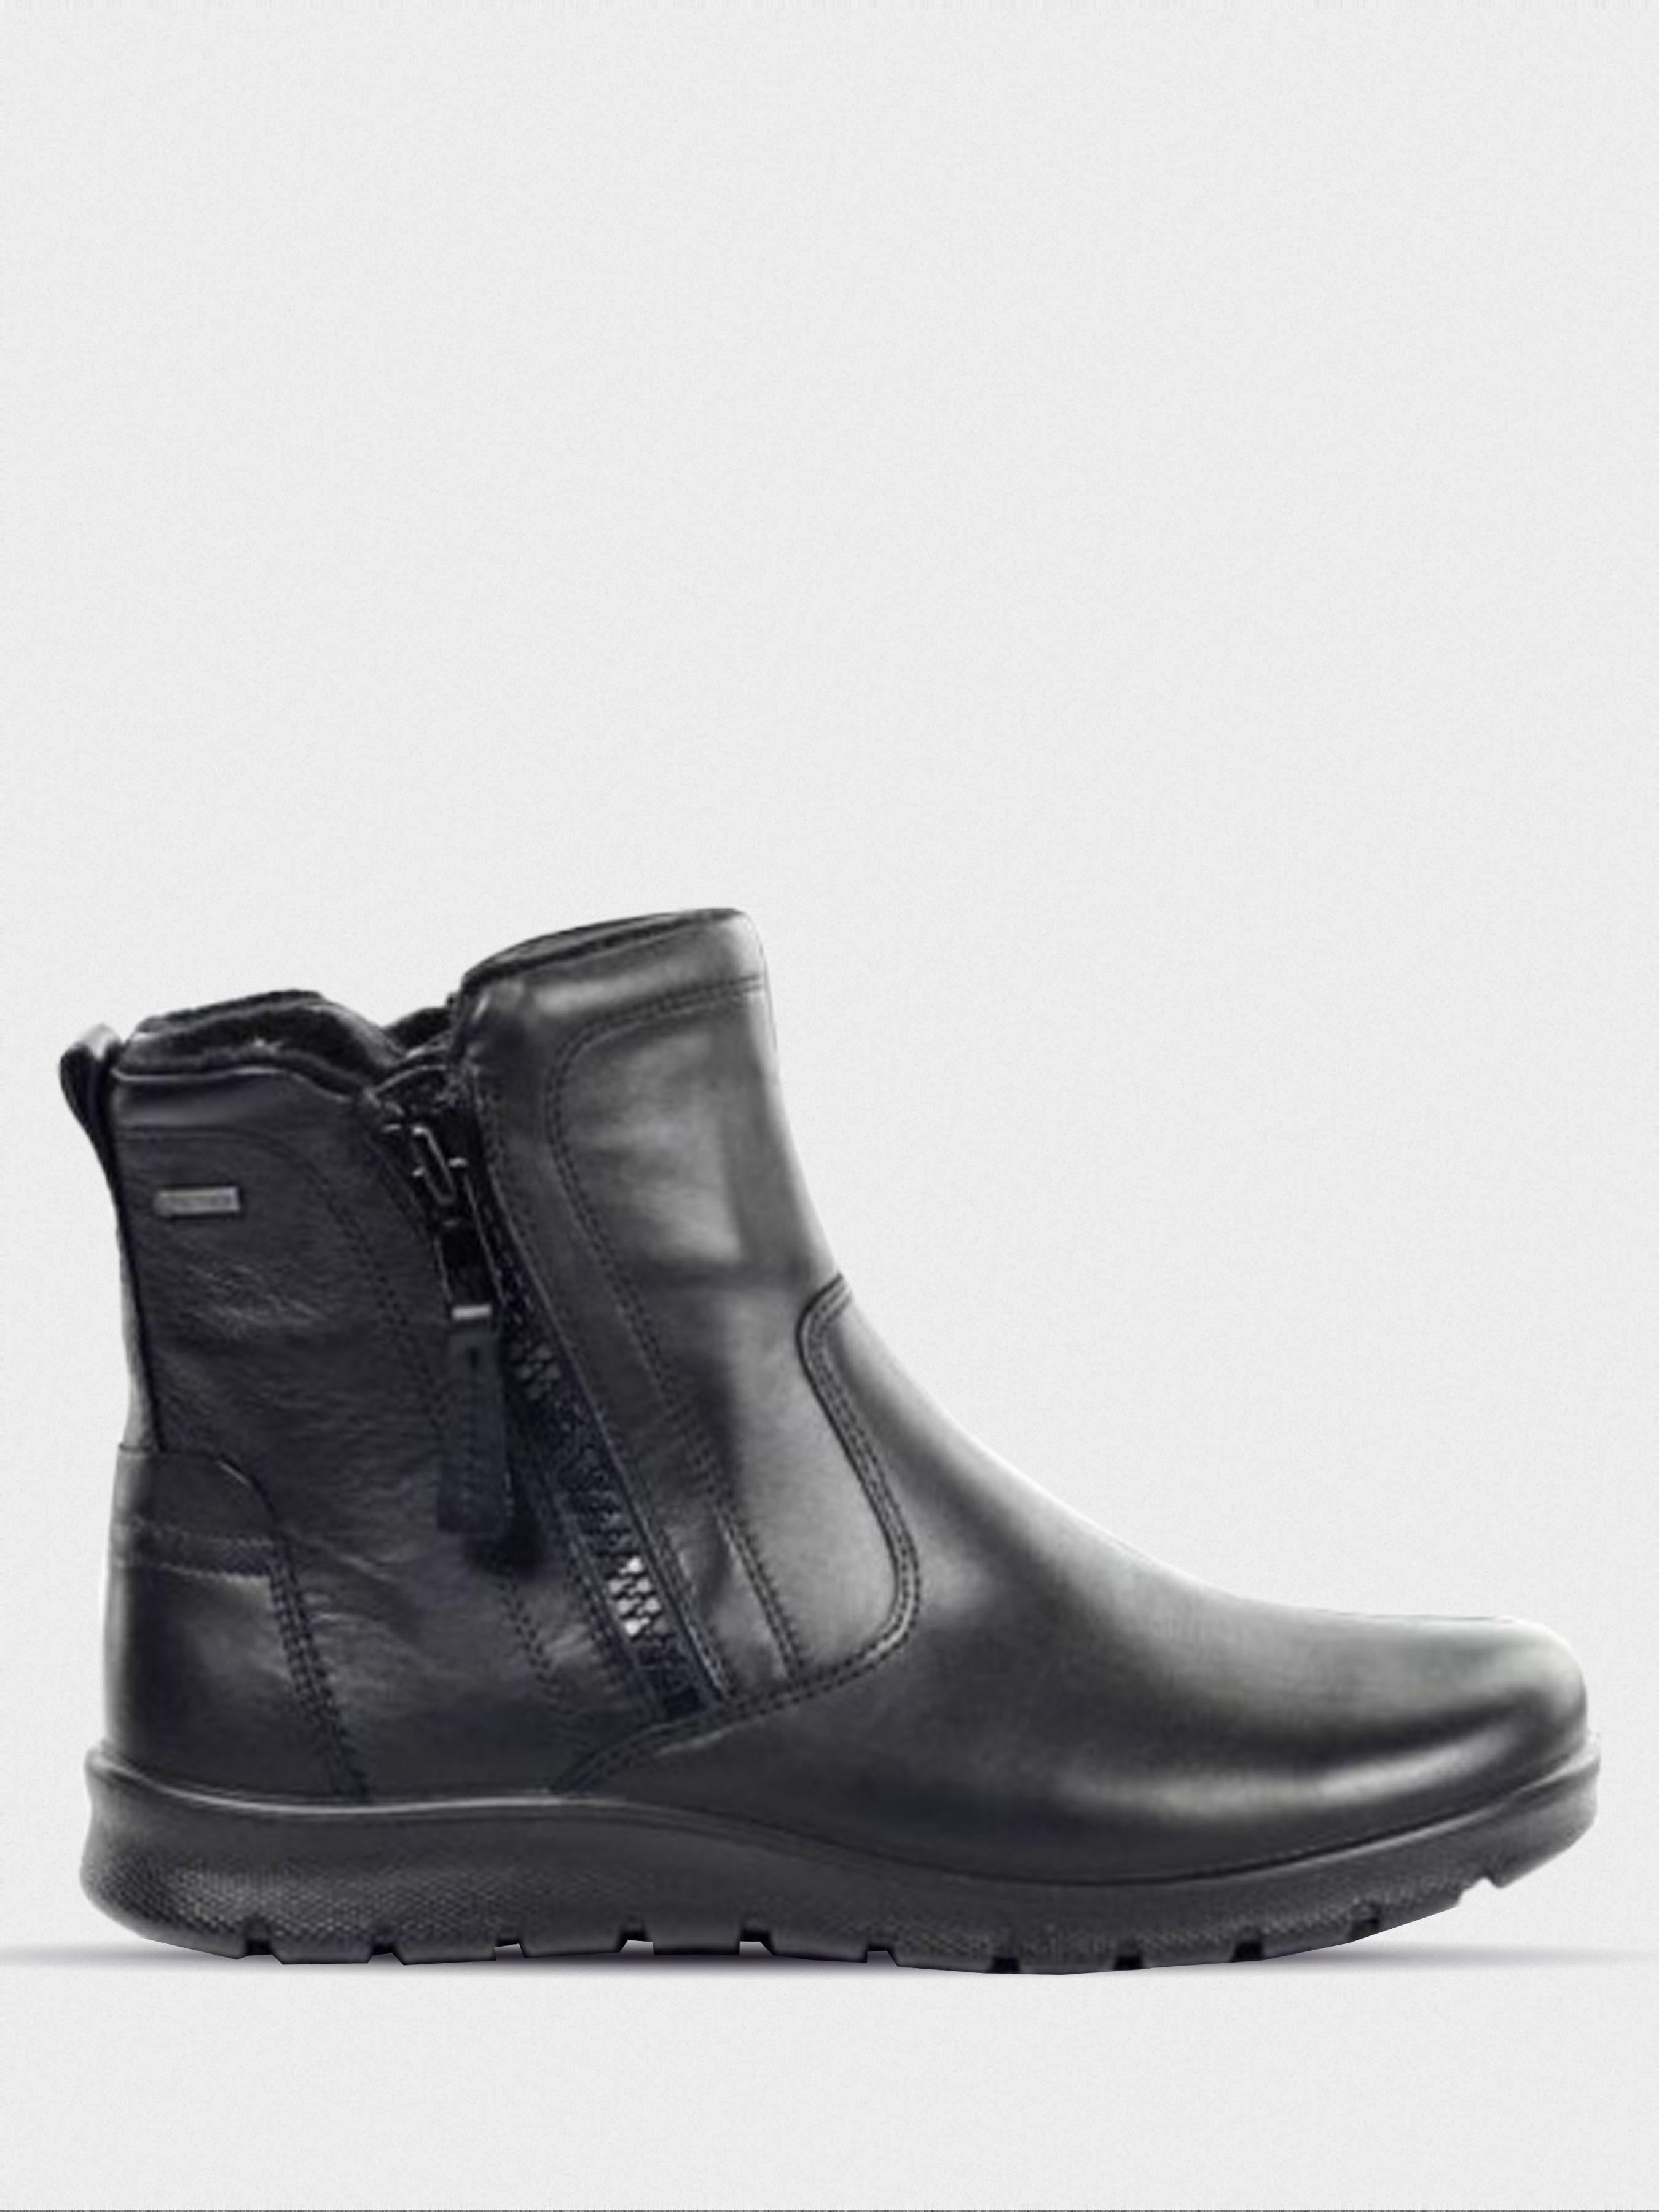 Купить Ботинки женские ECCO BABETT BOOT ZW5422, Черный